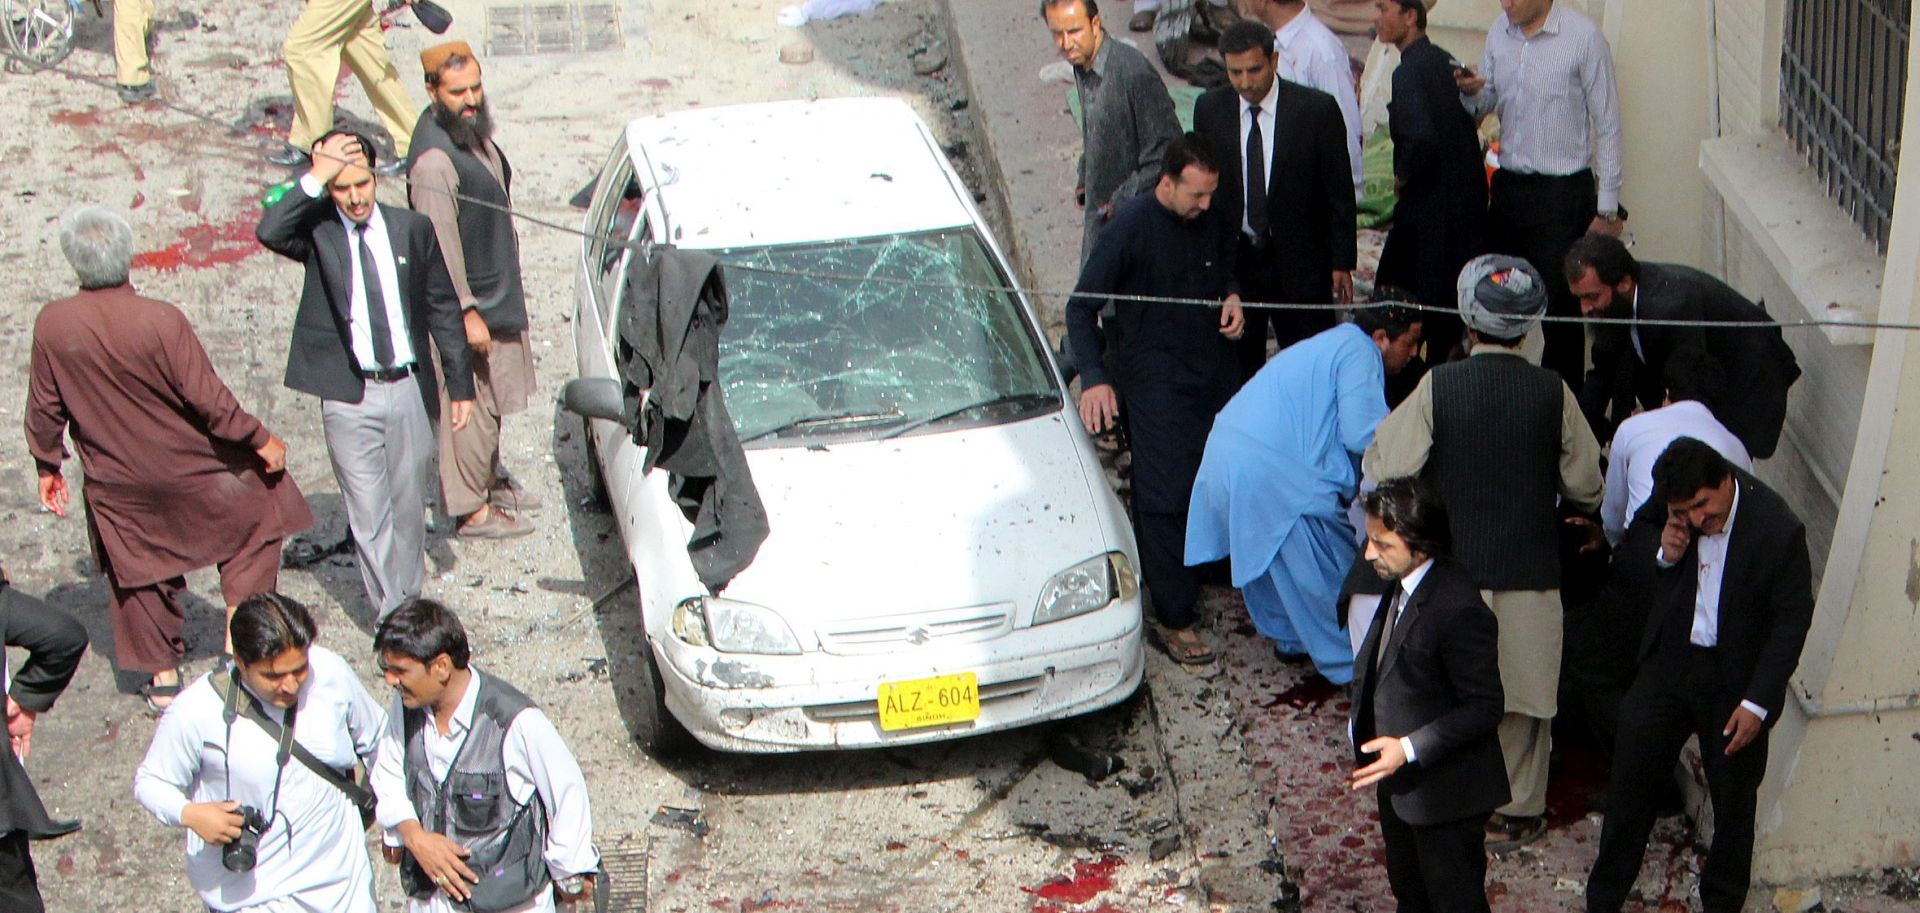 ODGOVORNOST ZA NAPAD PREUZELI TALIBANI Broj žrtava samoubilačkog napada u Pakistanu porastao na 70